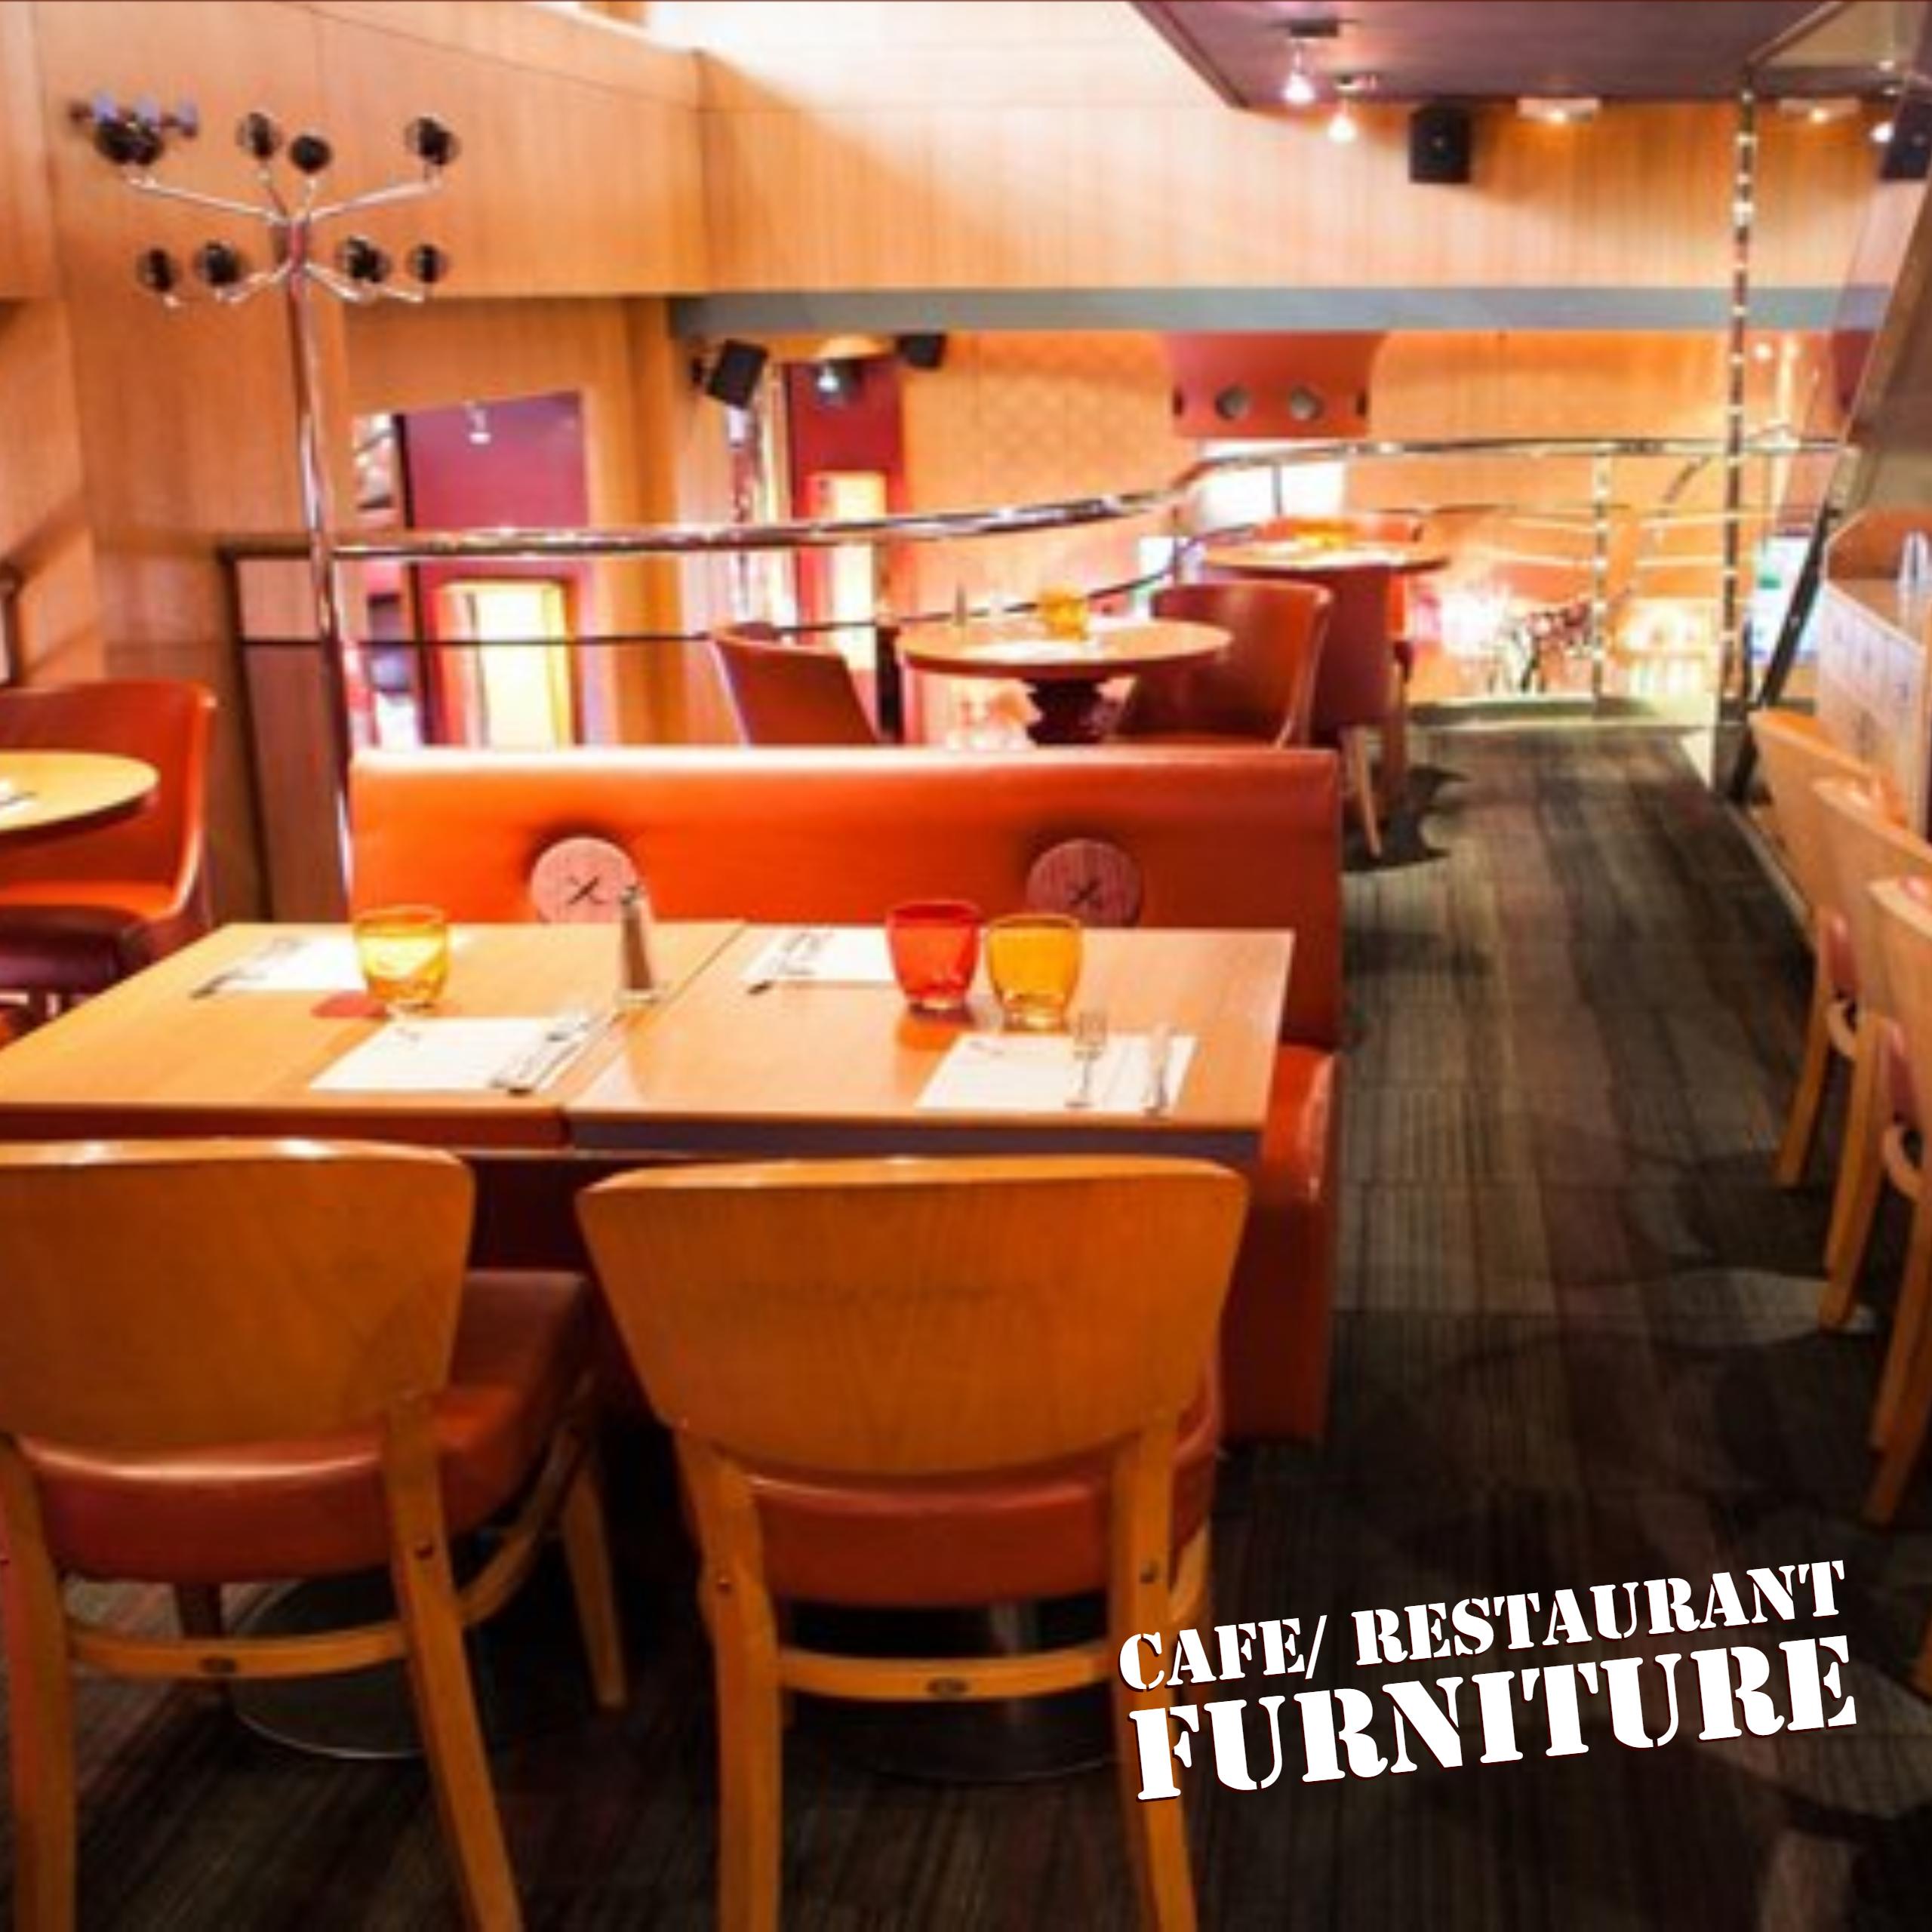 Cafe/ Restaurant furniture